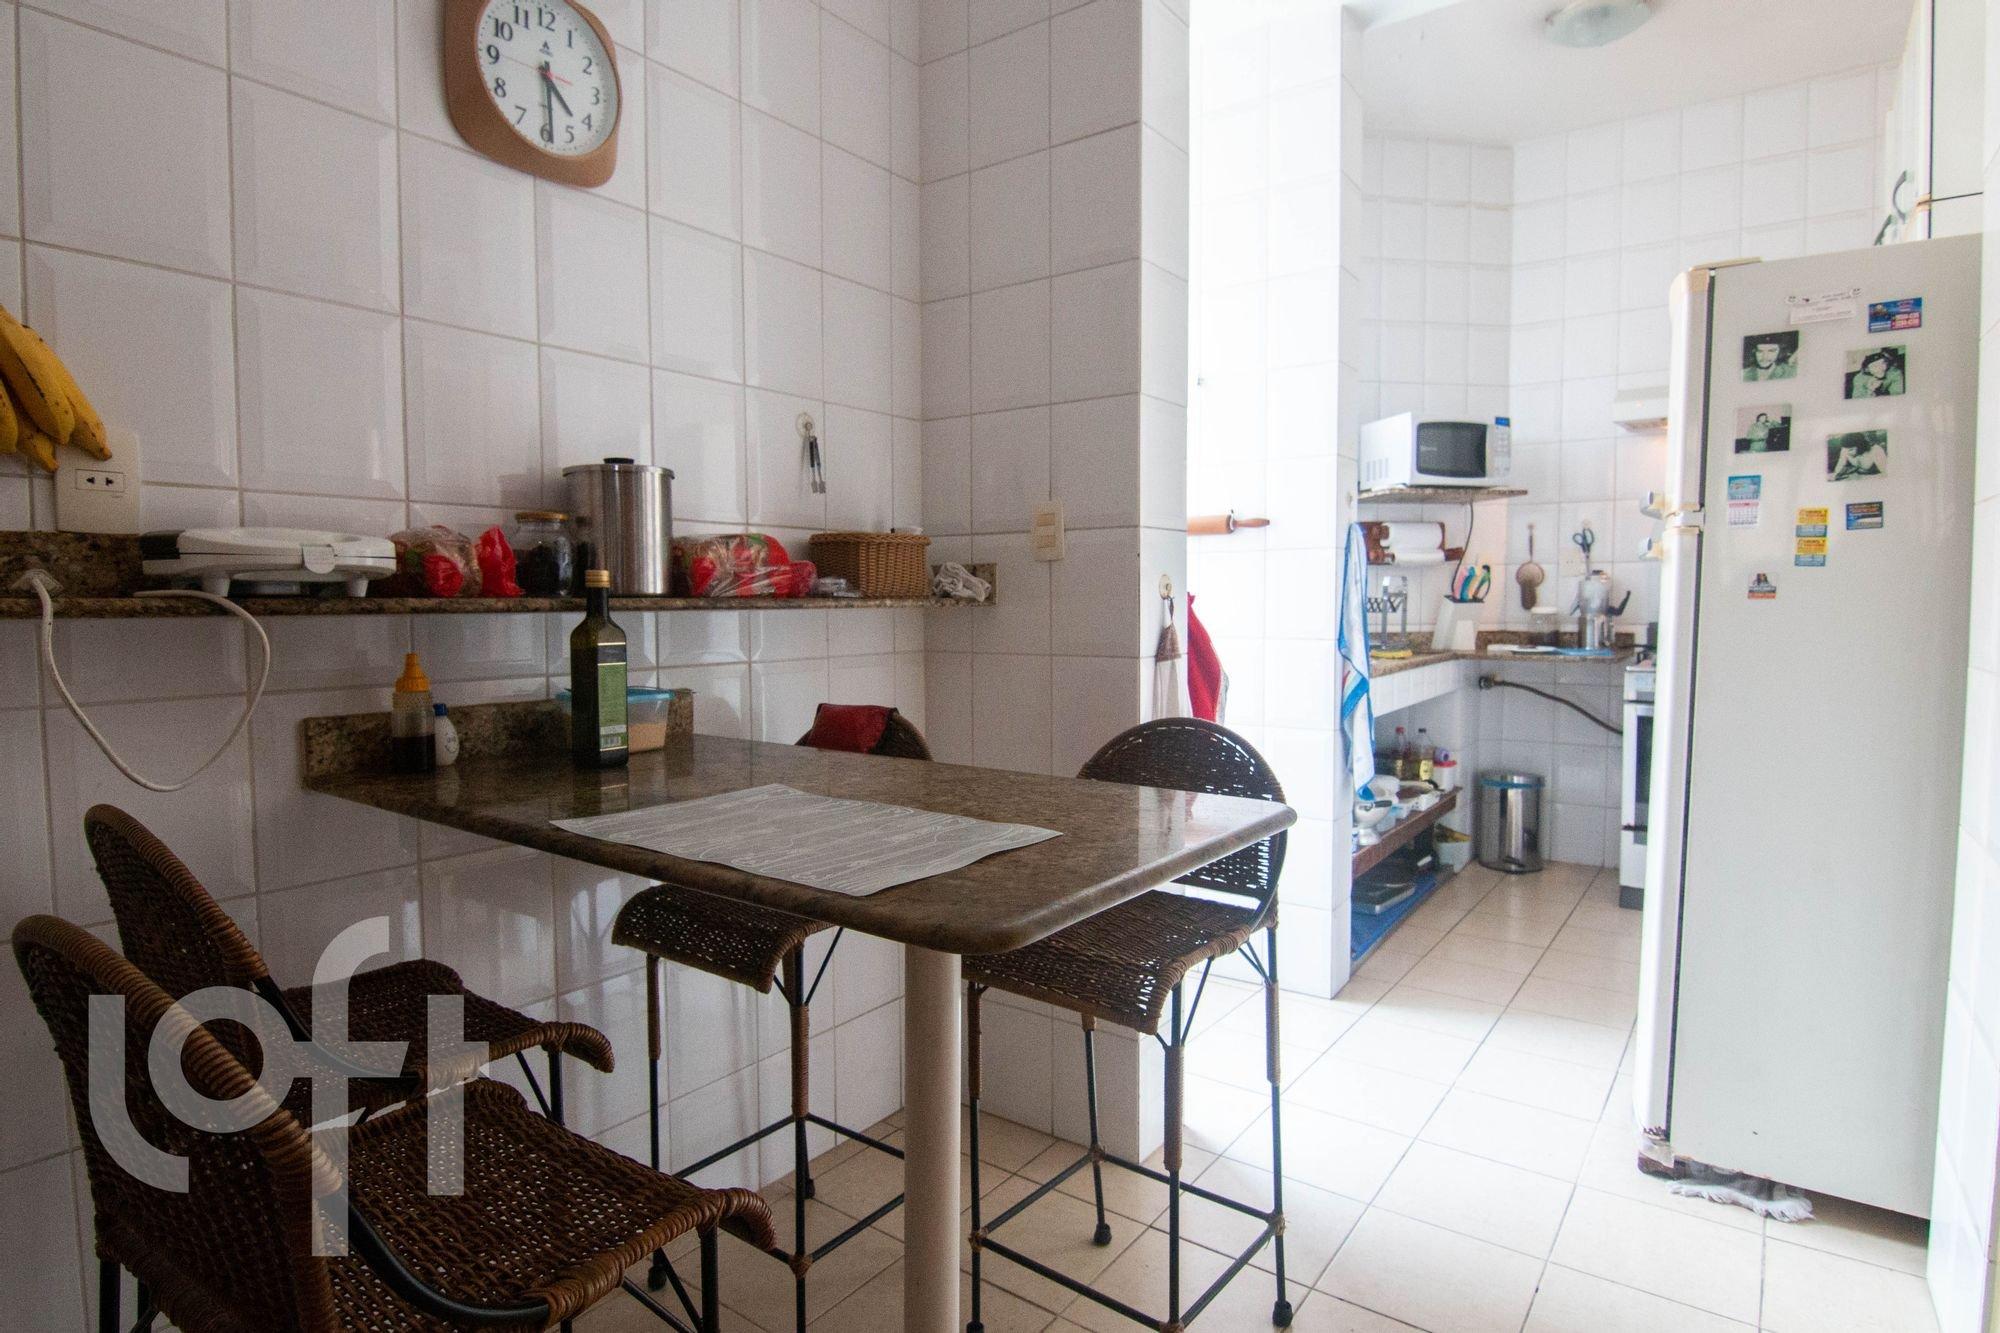 Foto de Cozinha com garrafa, relógio, geladeira, cadeira